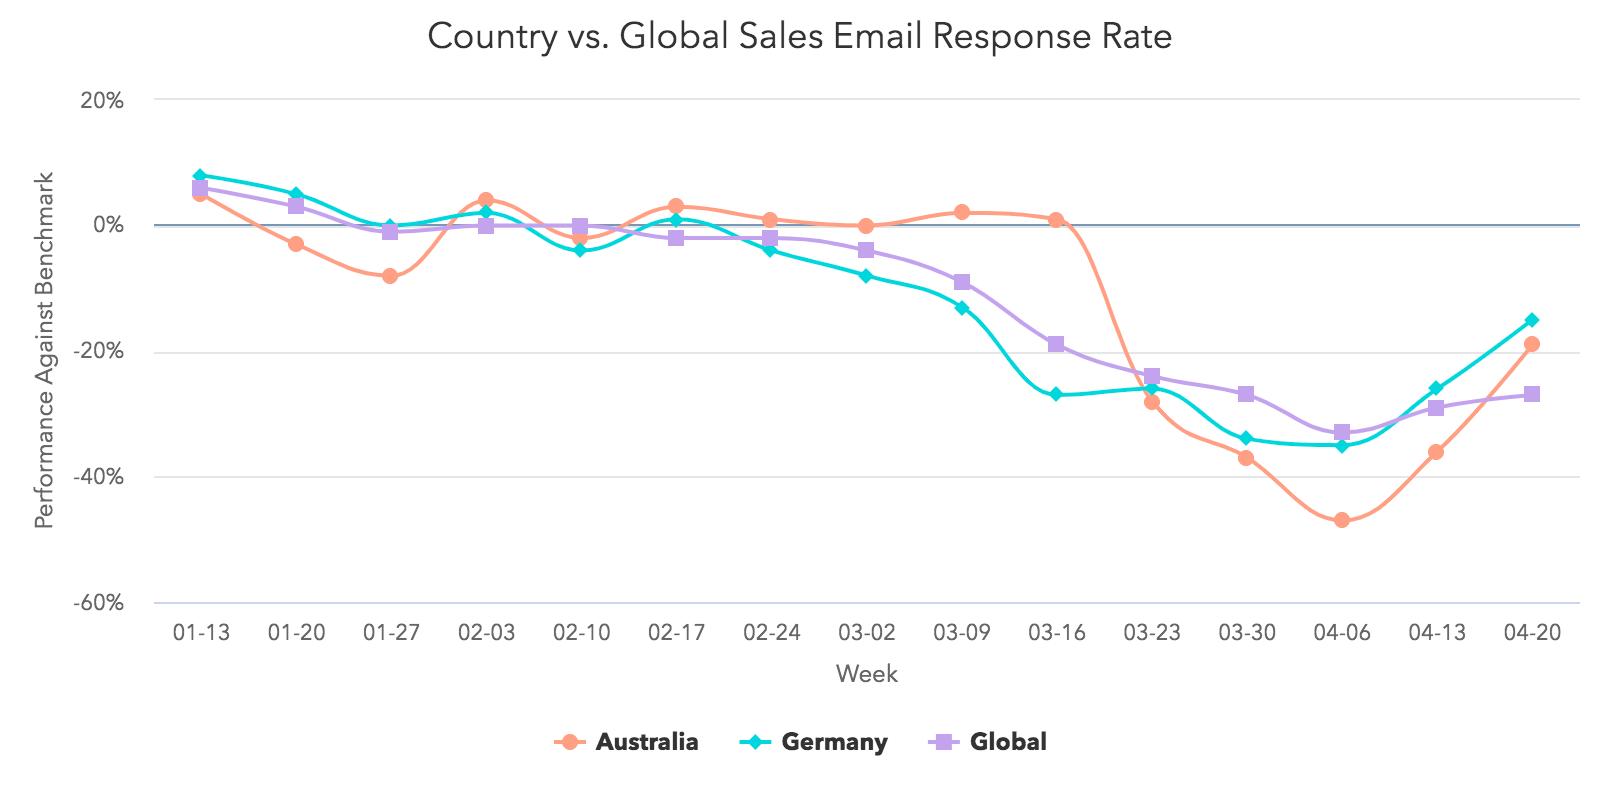 Paese e risposta globale alle email di vendita